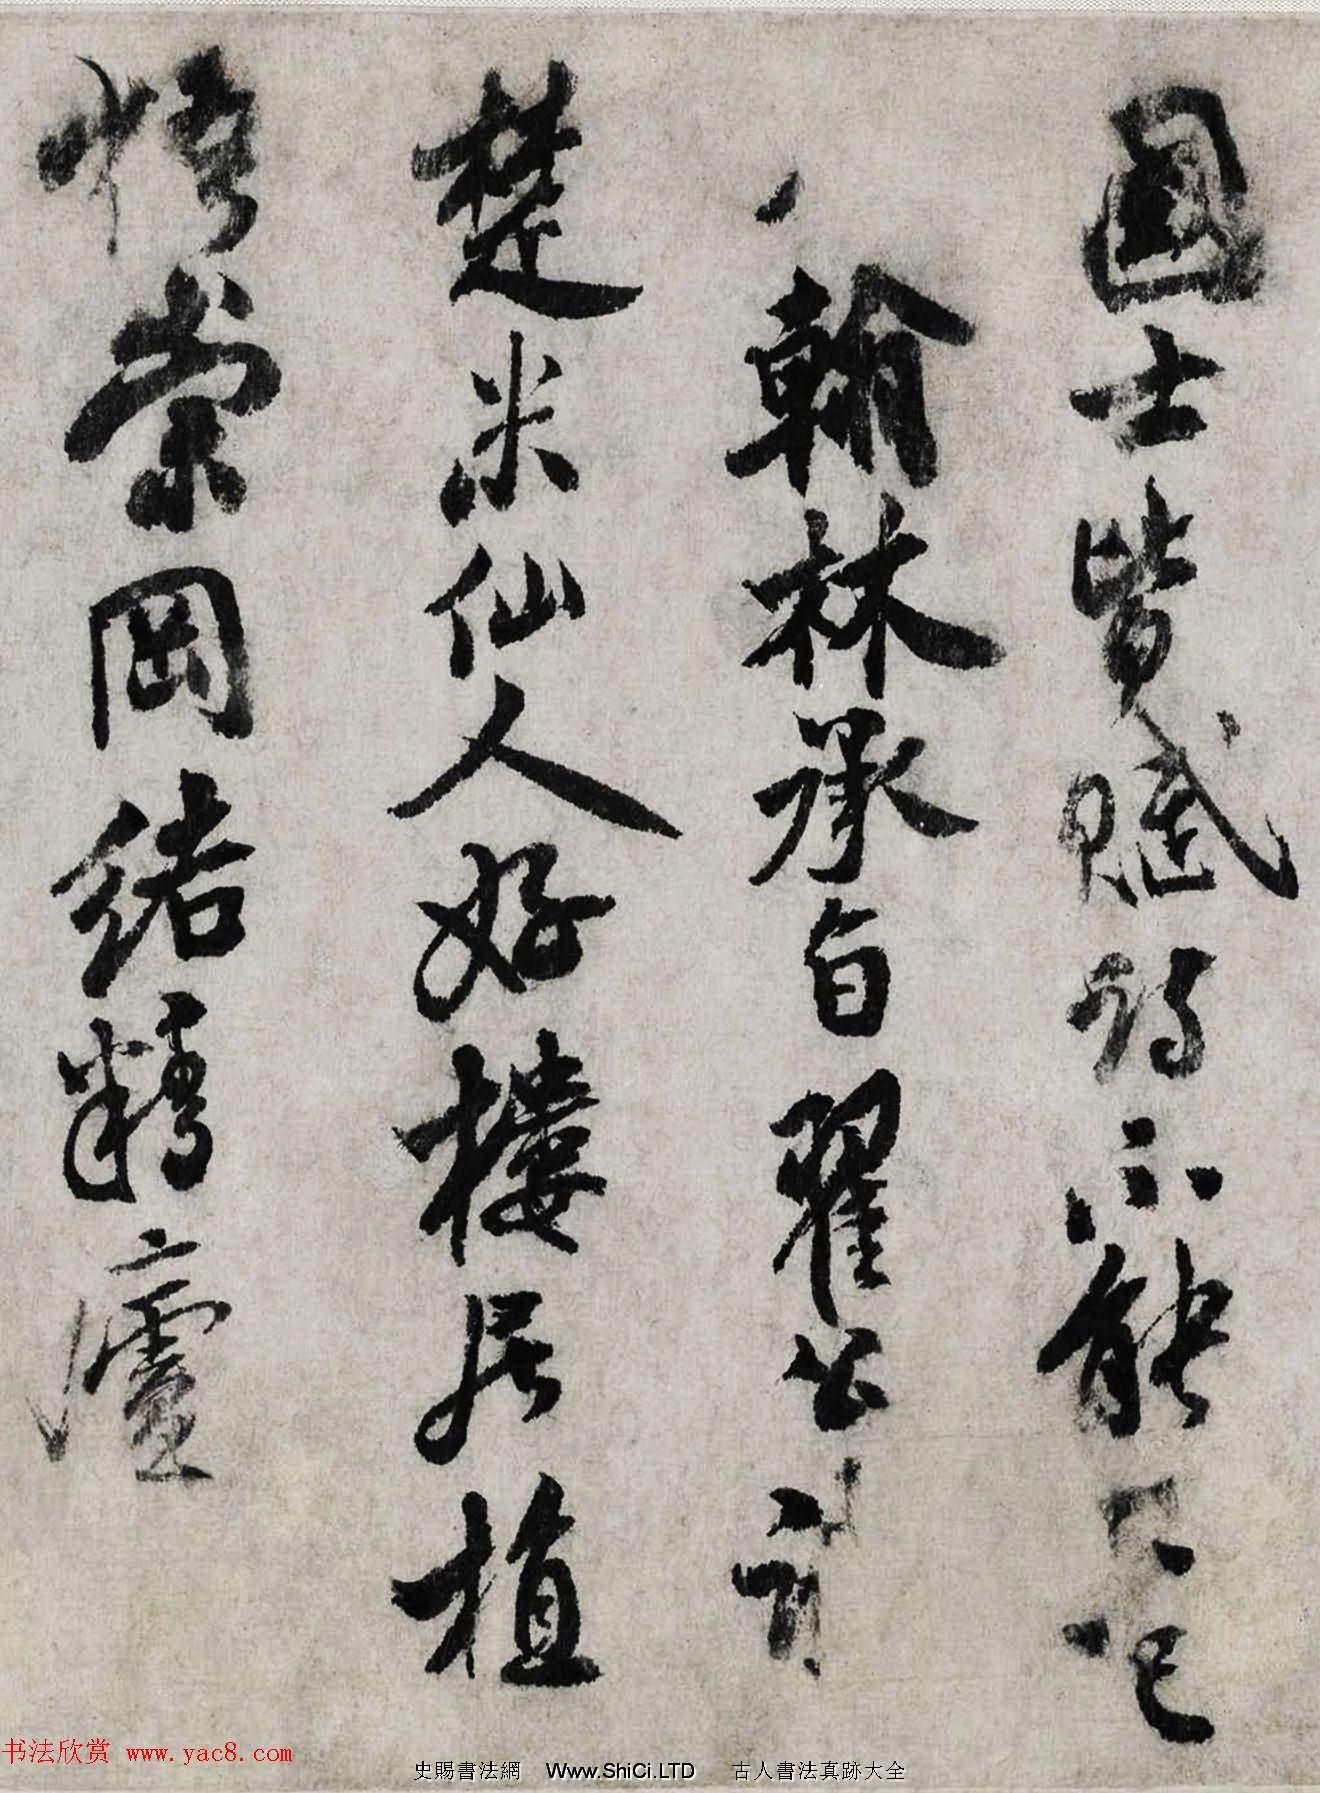 米芾長子米友仁書法字畫《瀟湘奇觀》